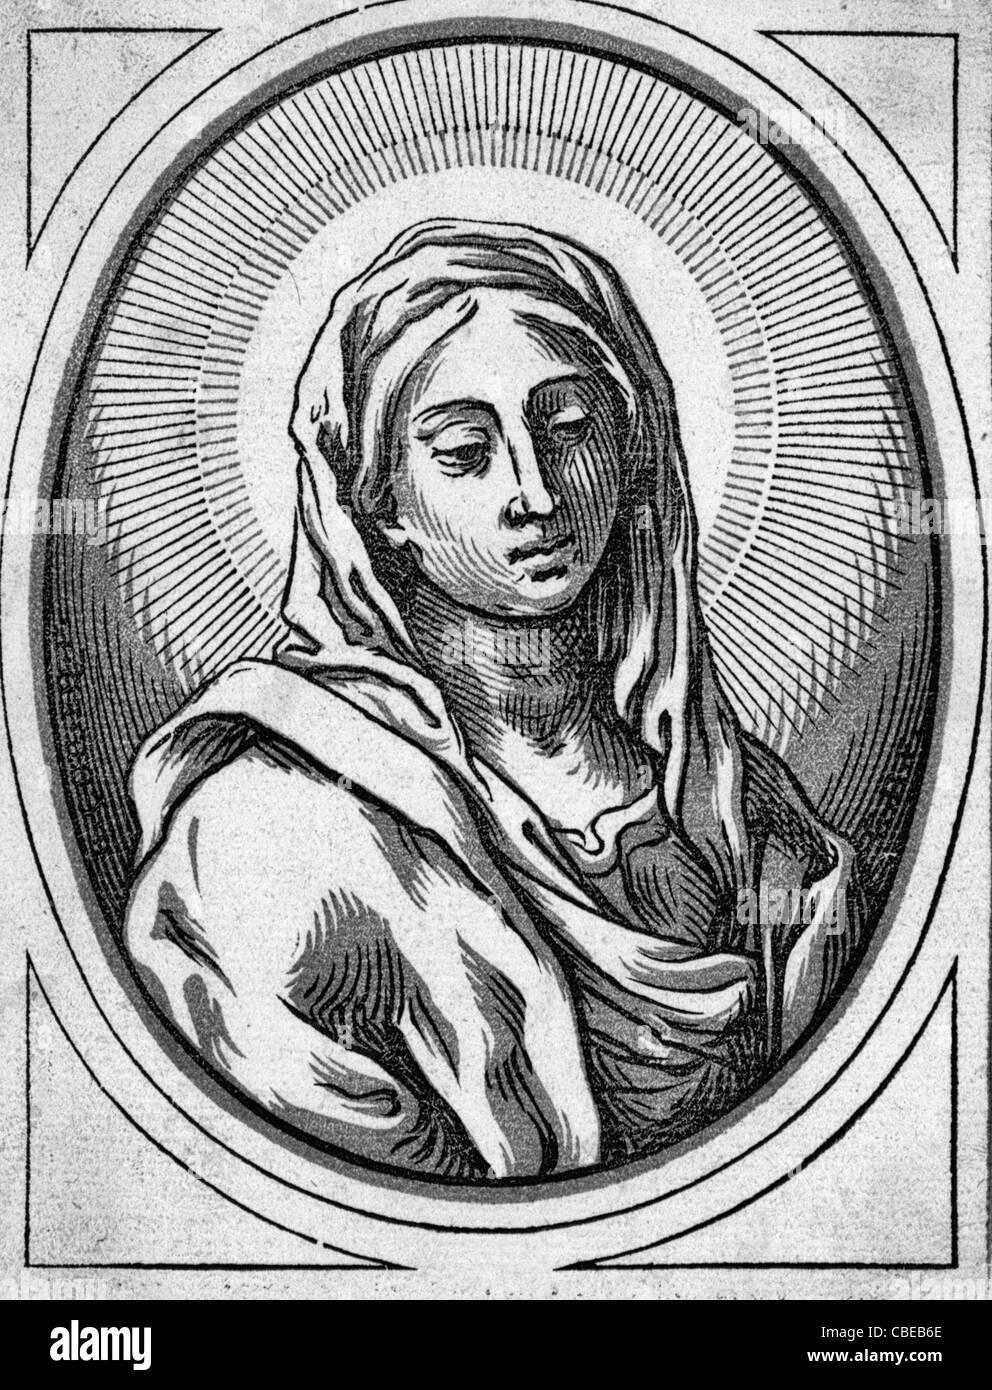 Testa della Vergine - la xilografia di testa della Vergine Maria Immagini Stock